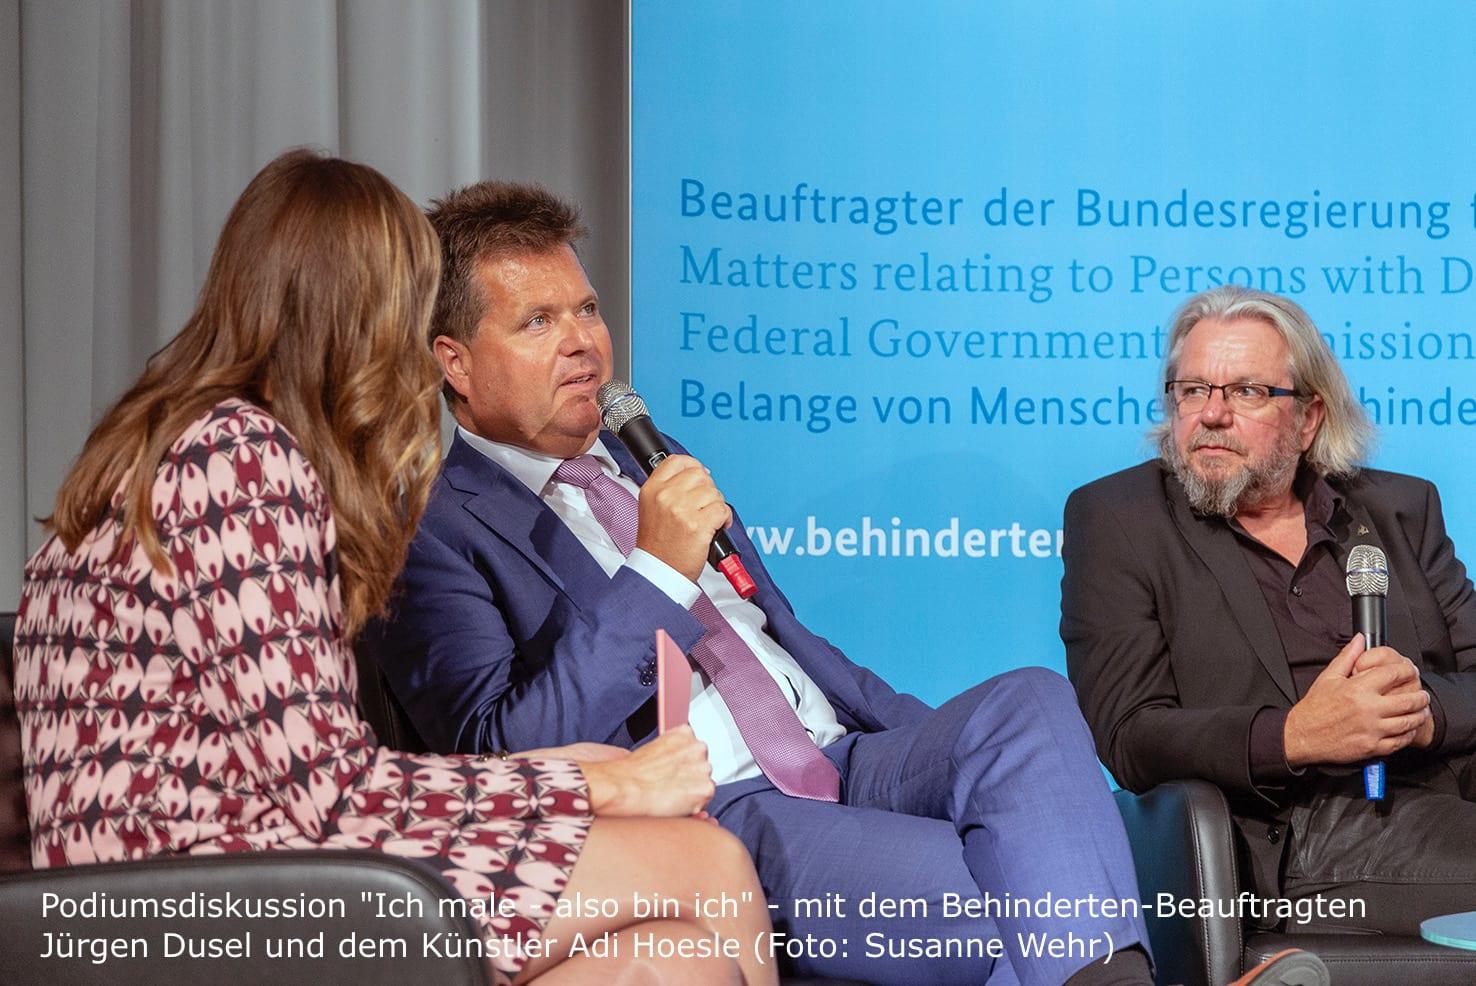 Podiumsdiskussion - Ich male also bin ich  Kristina zur Mühlen im Gespräch mit Jürgen Dusel  Behindertenbeauftragter